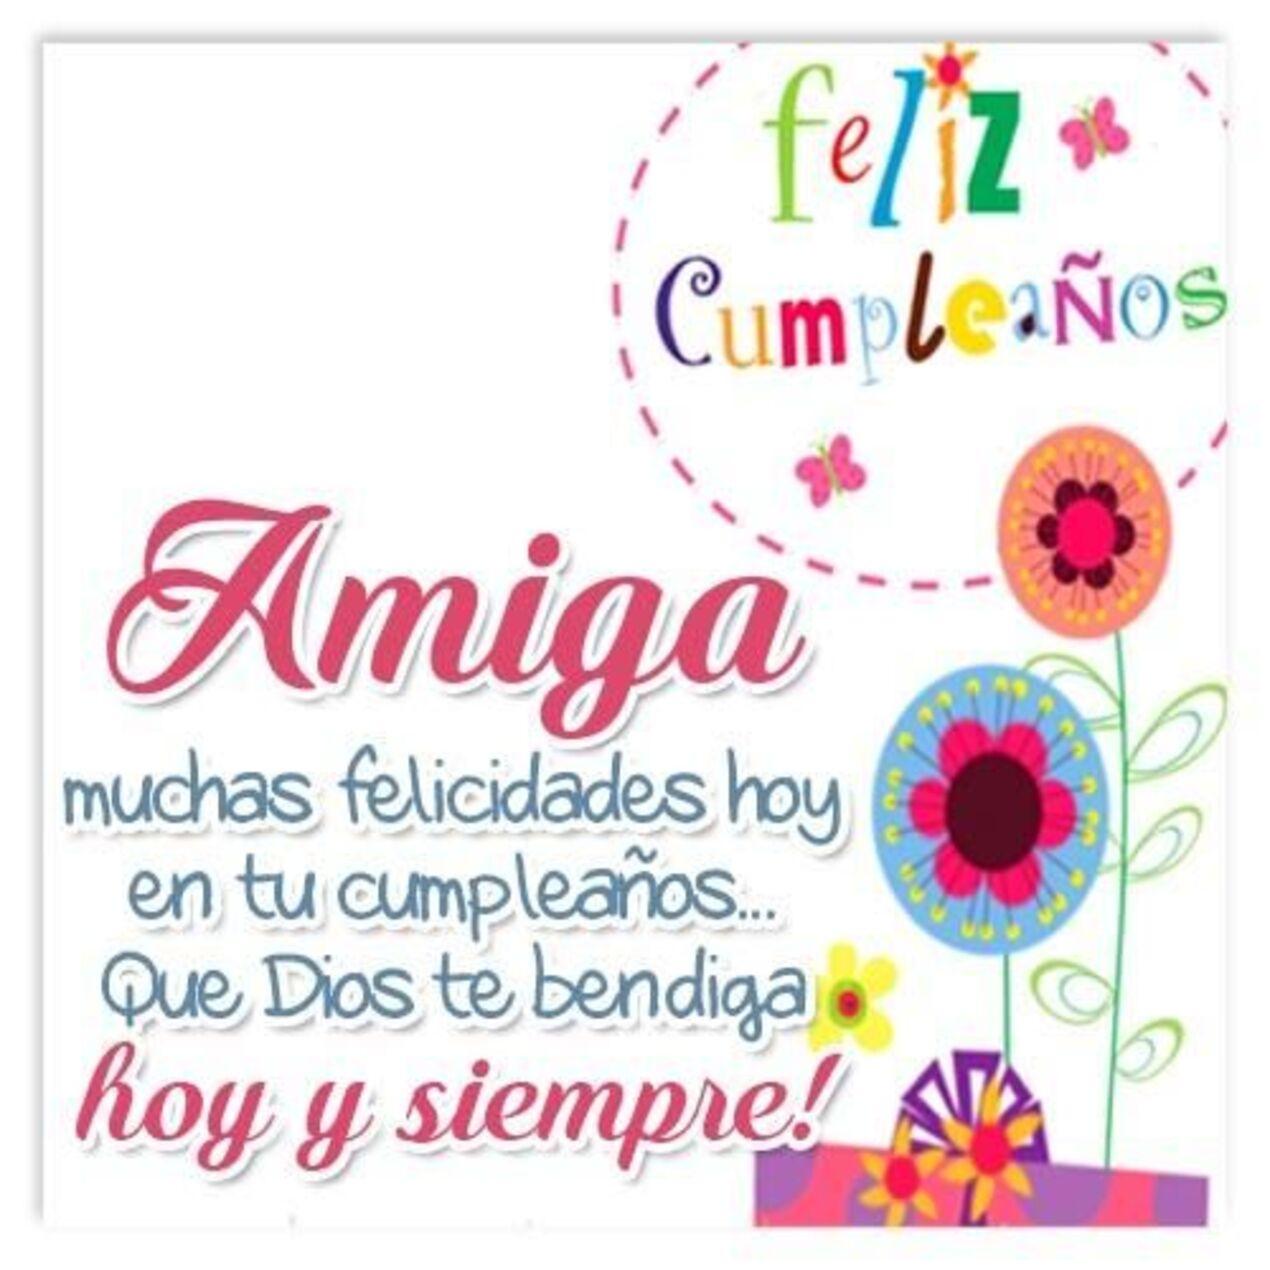 feliz cumpleaños!! amiga muchas felicidades  hoy en tu cumpleaños...Que Dios te bendiga hoy y siempre!